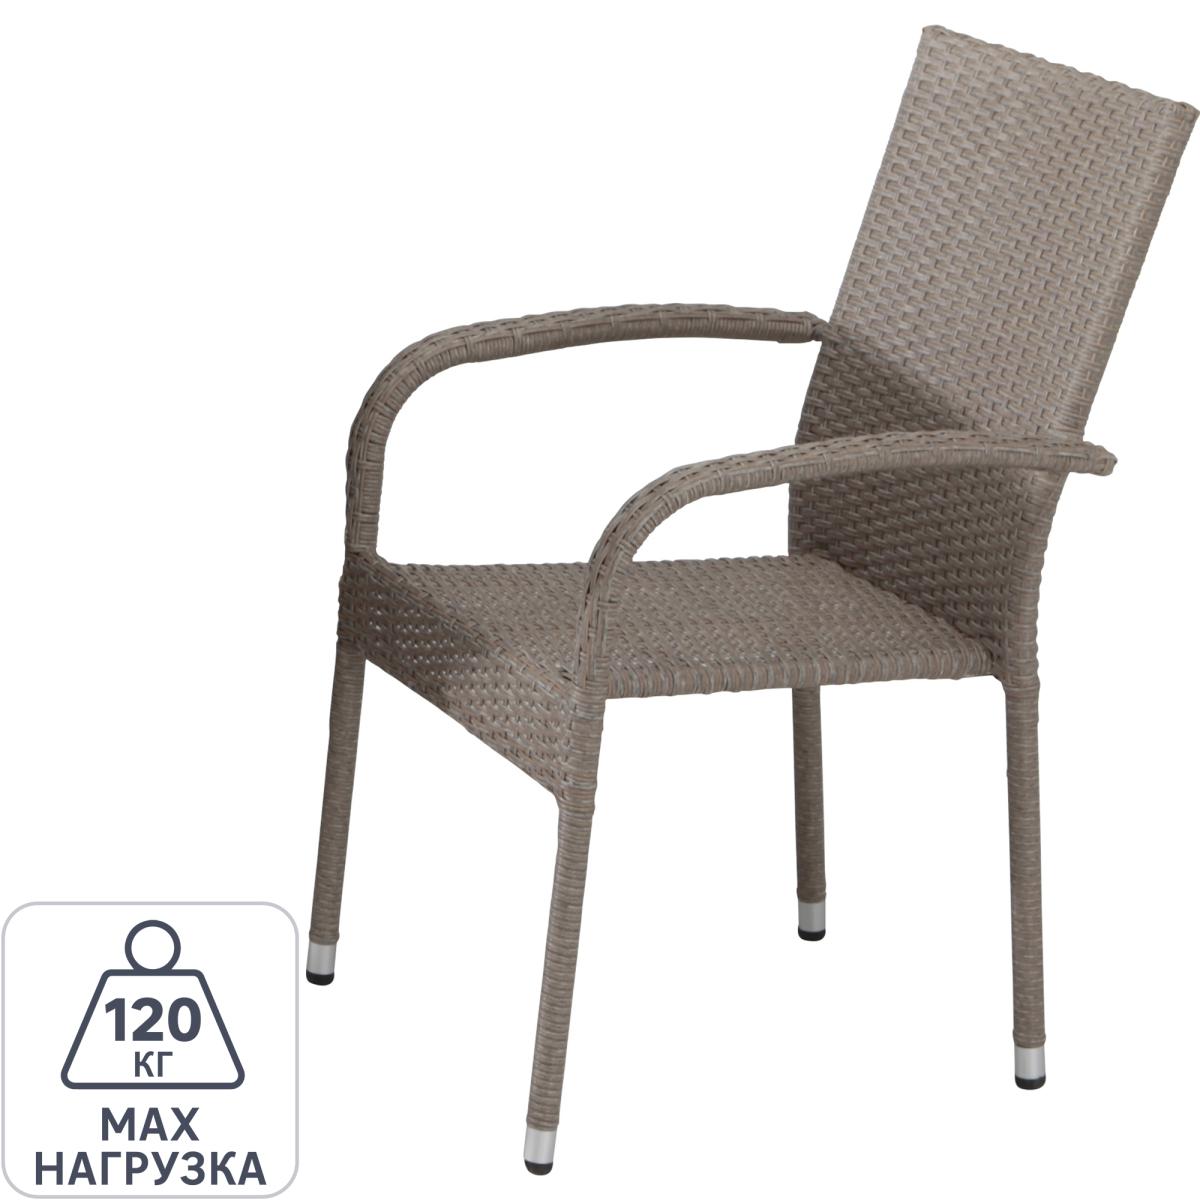 Кресло садовое 560x940x640 мм металл/полиротанг цвет бежевый